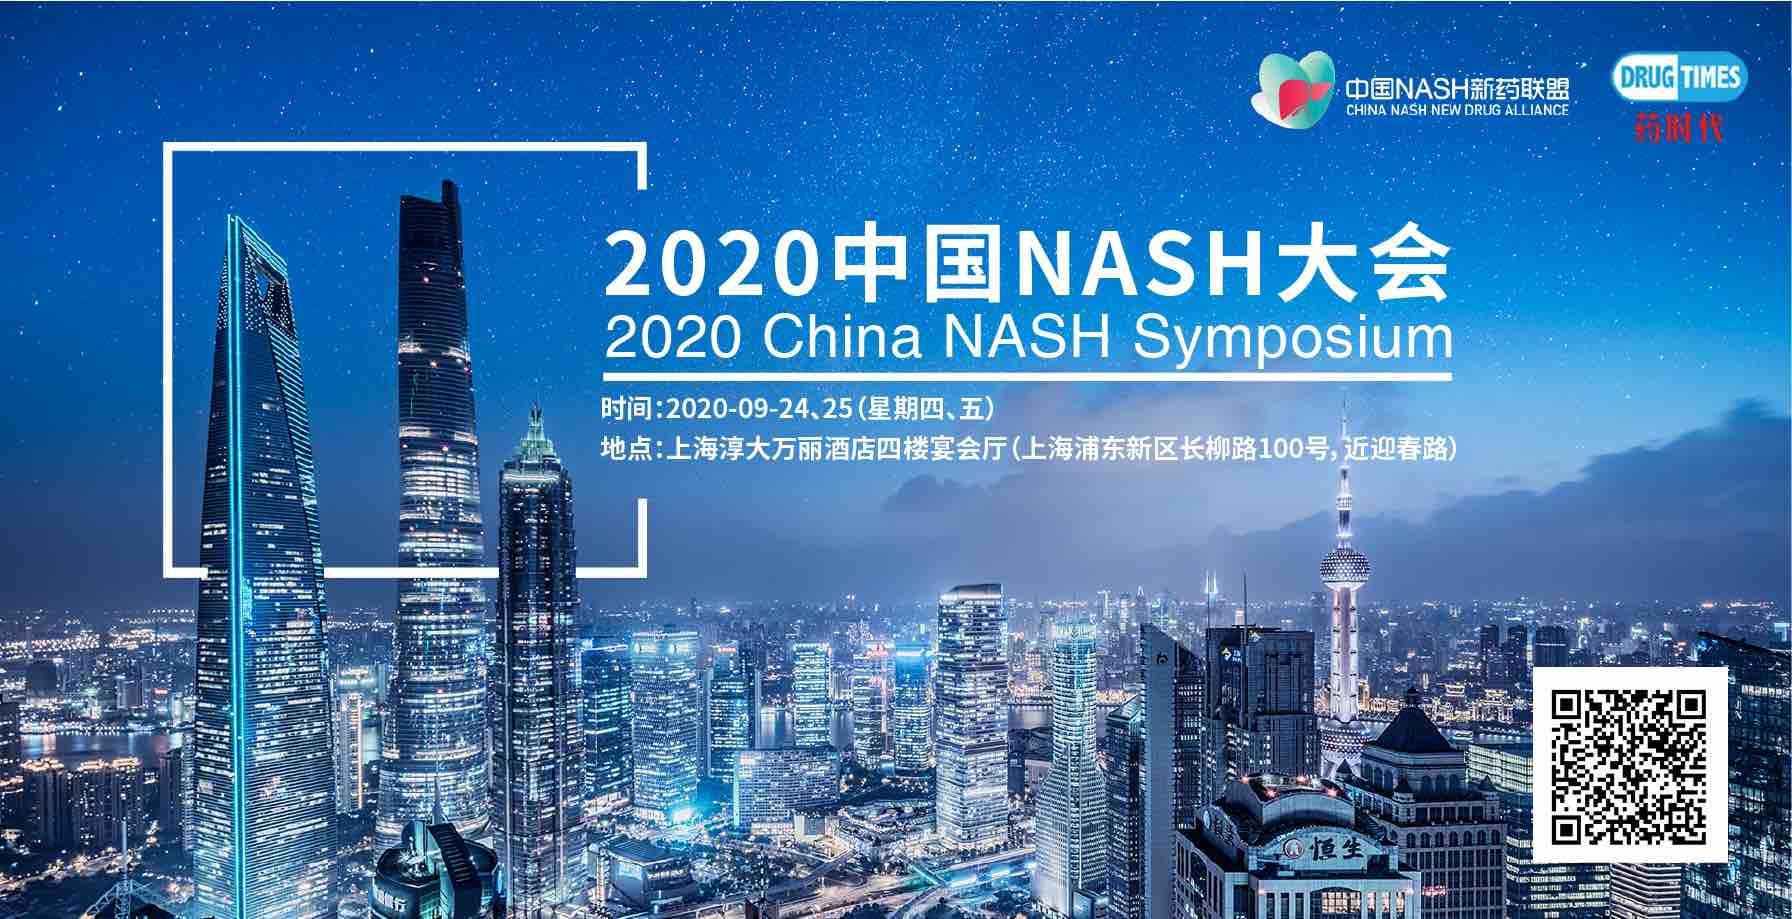 China NASH Symposium 2020